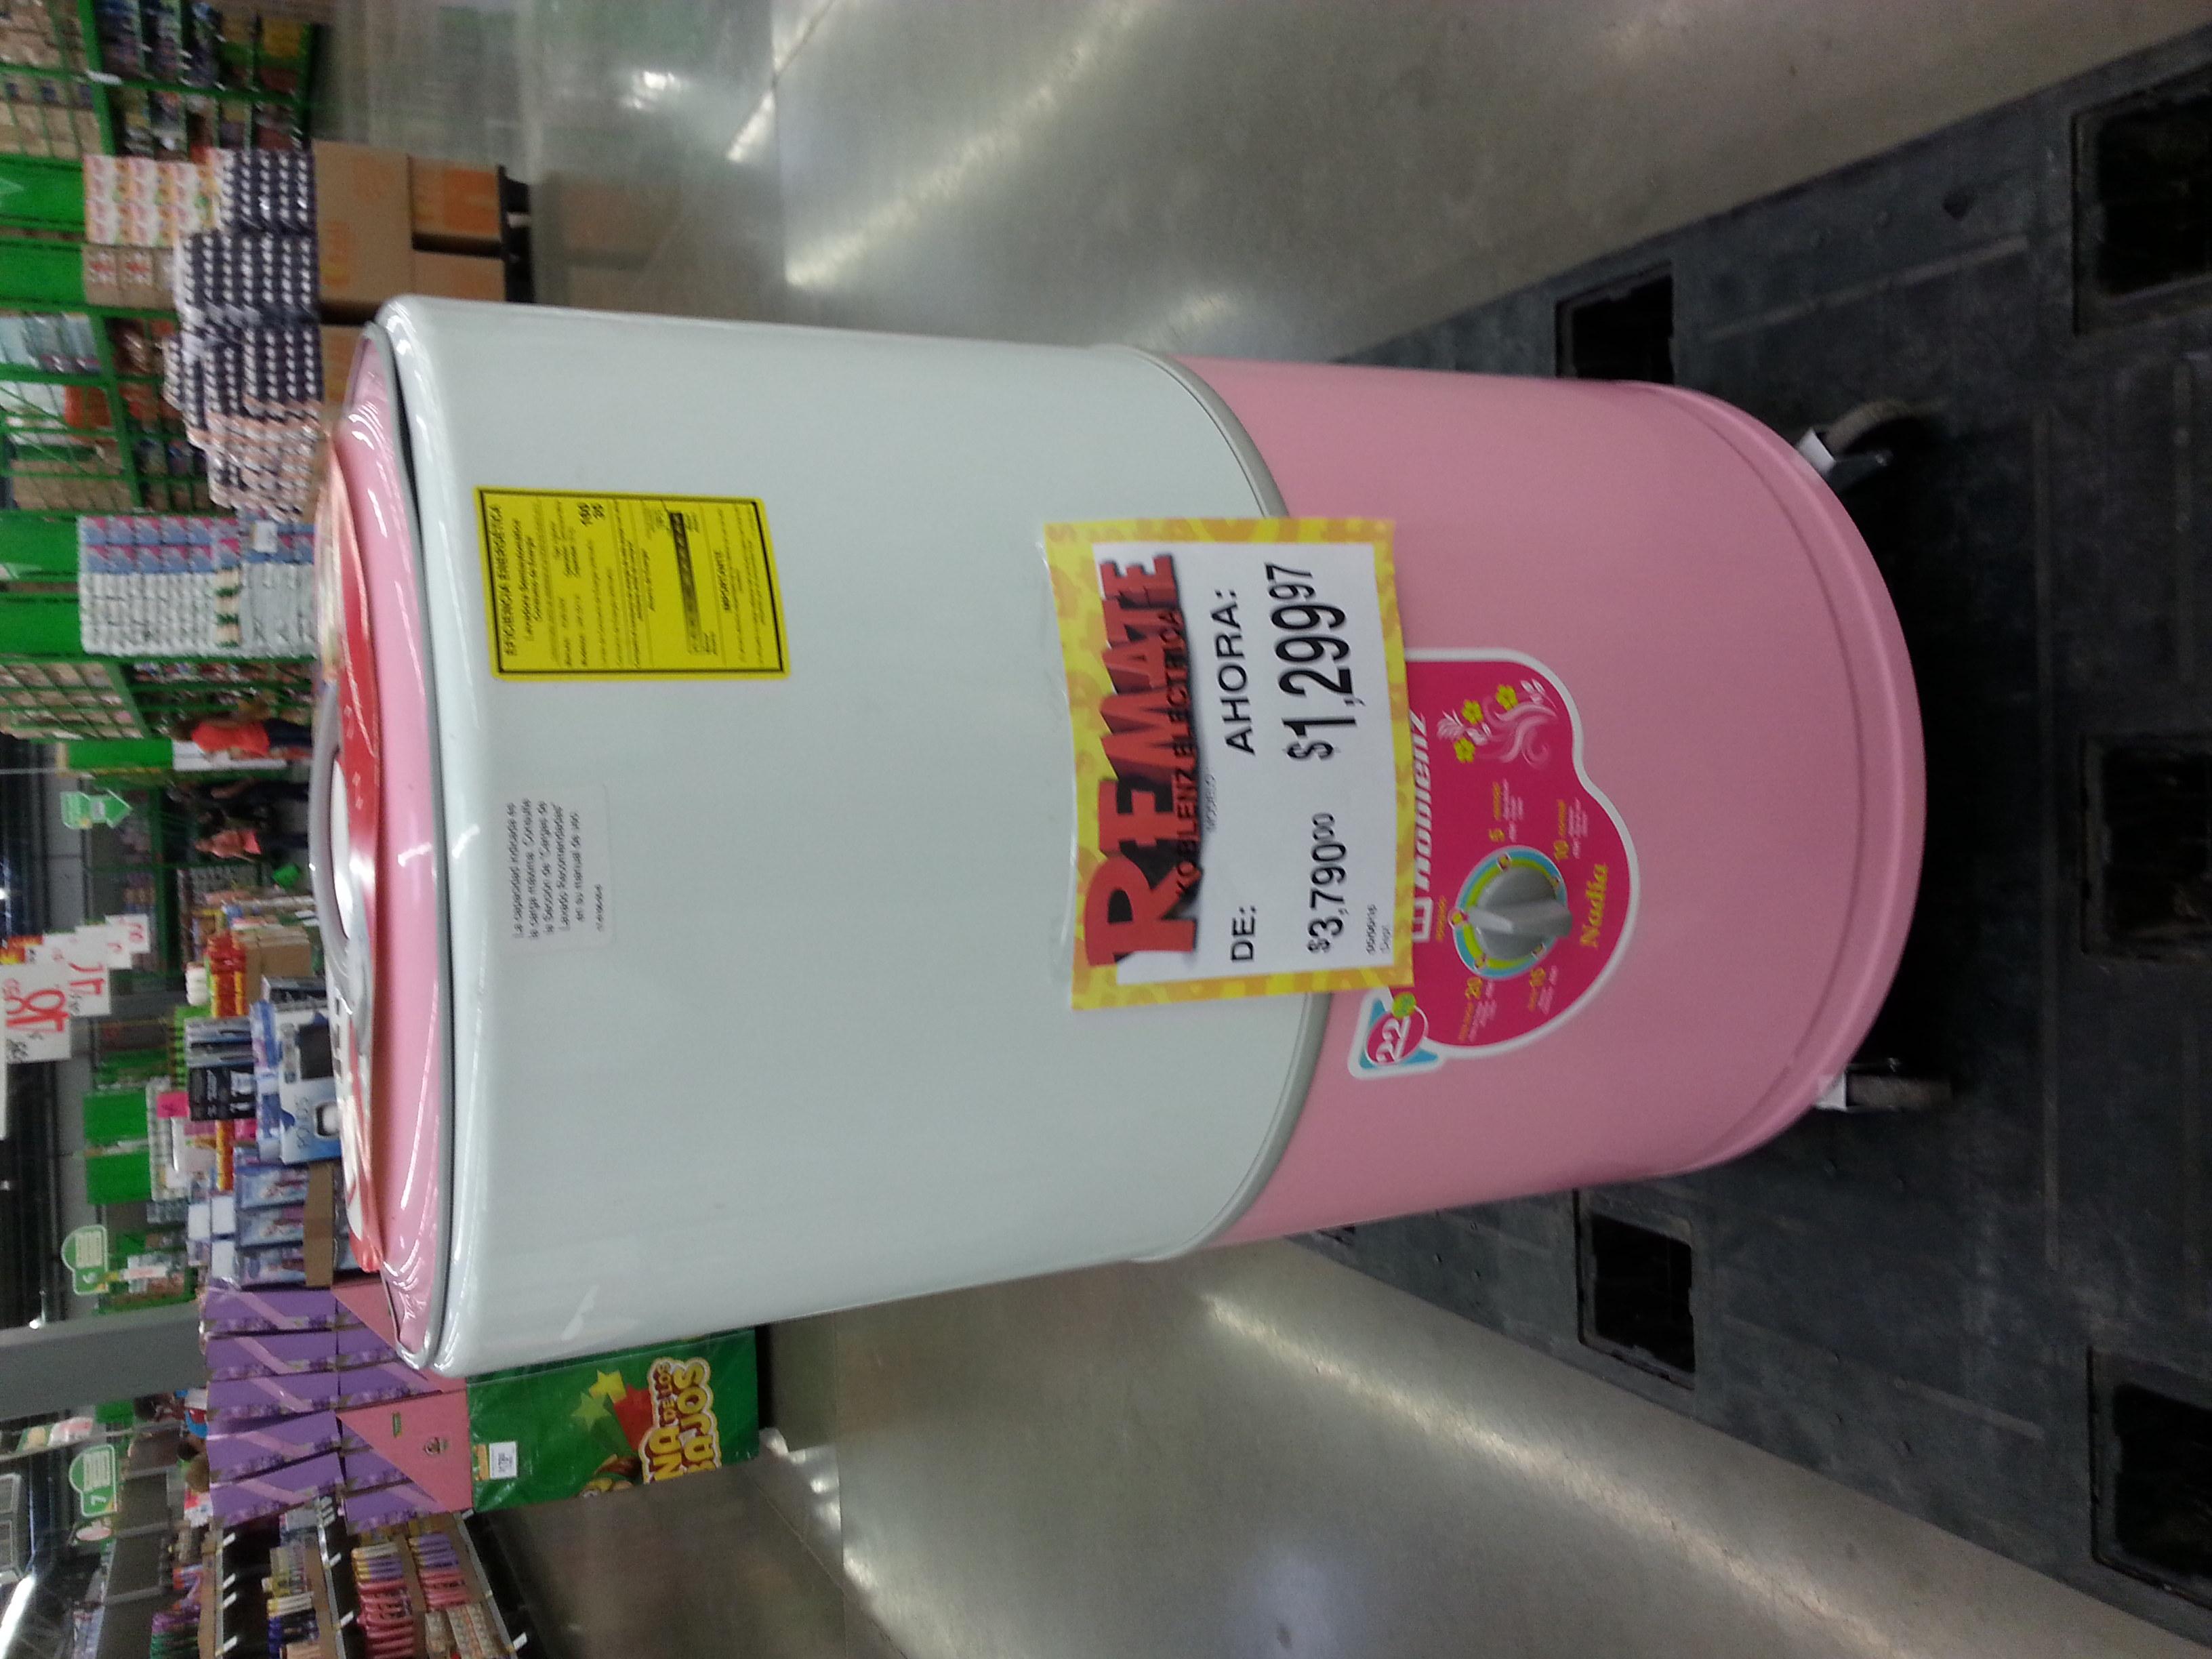 Bodega Aurrerá Abastos Culiacan: Lavadora 22kg $1,299.97 Excelente regalo para este dia de las madres y a ligerar un poco la carga de una ama de casa